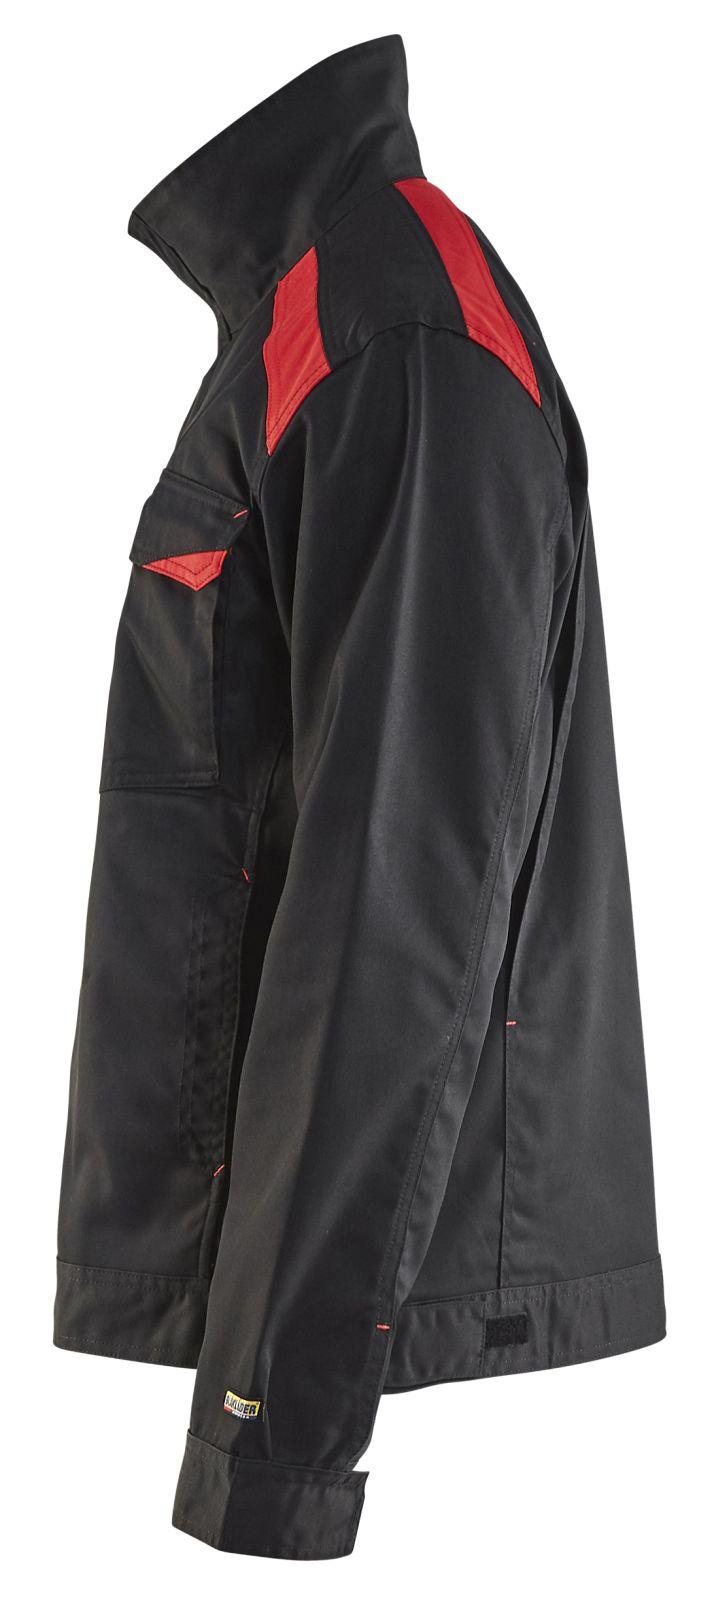 Blaklader Jassen 40541800 zwart-rood(9956)